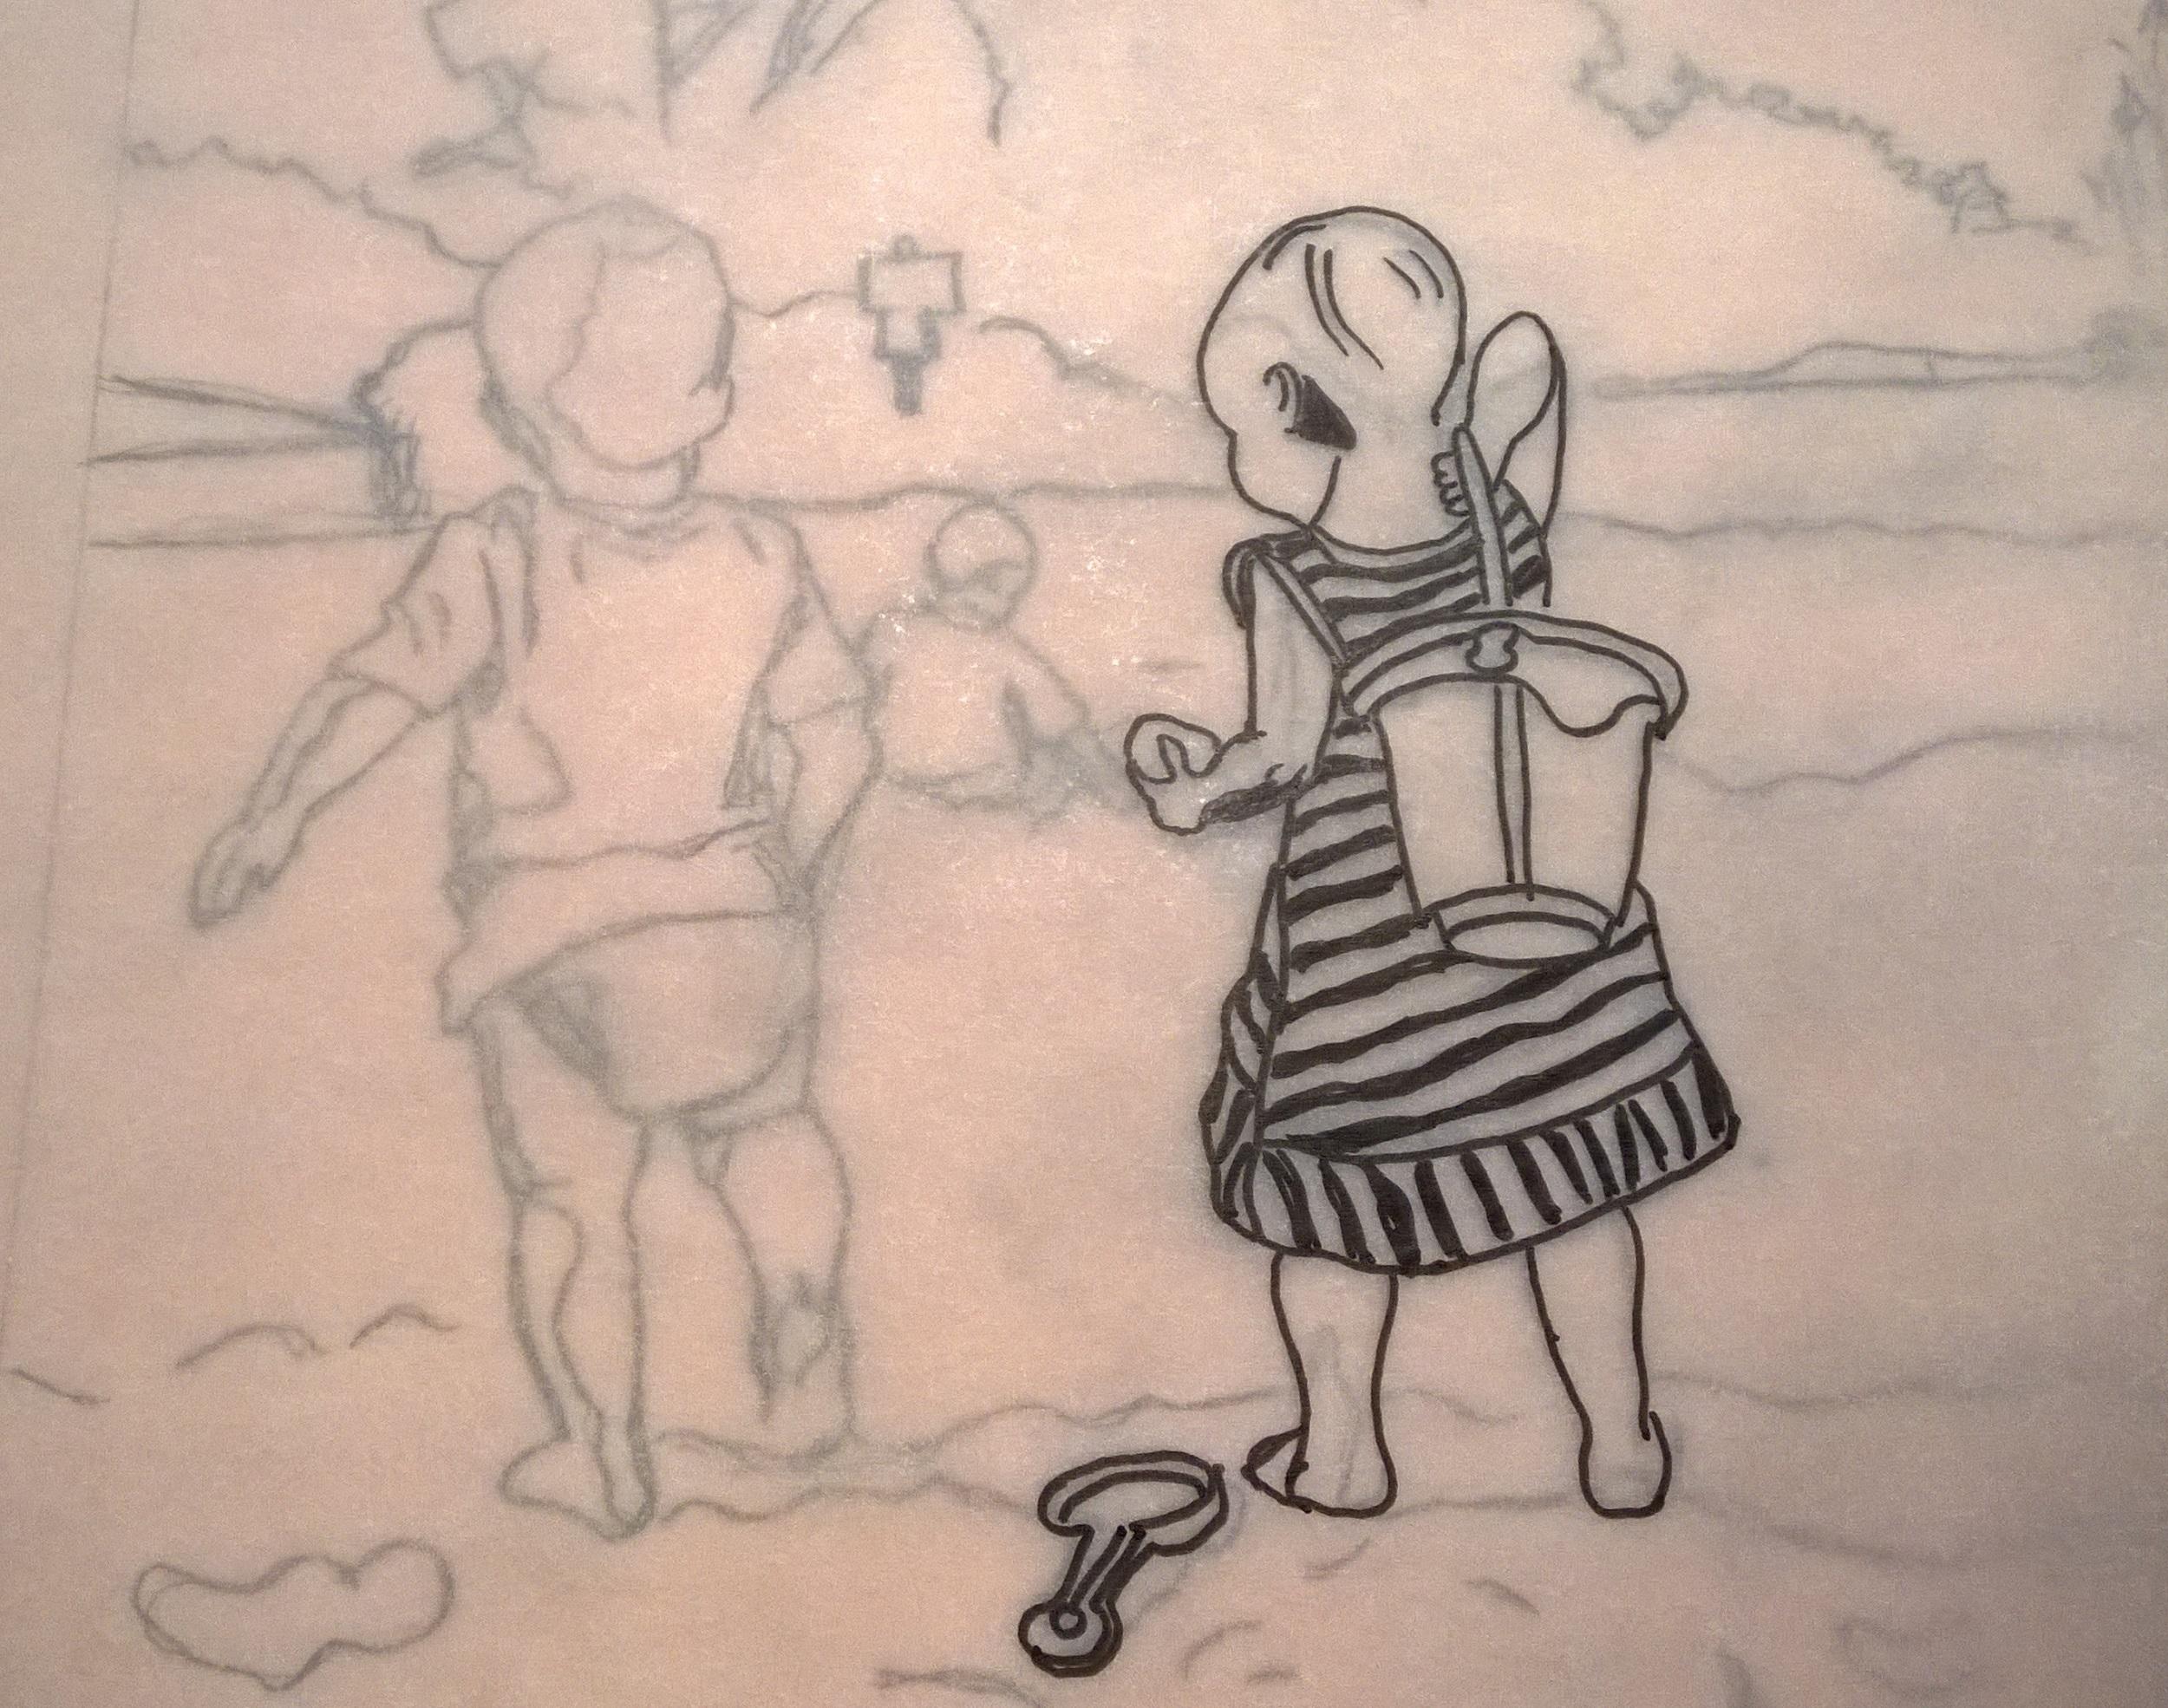 Figure 1: Work in progress photo from art gift in 2014.